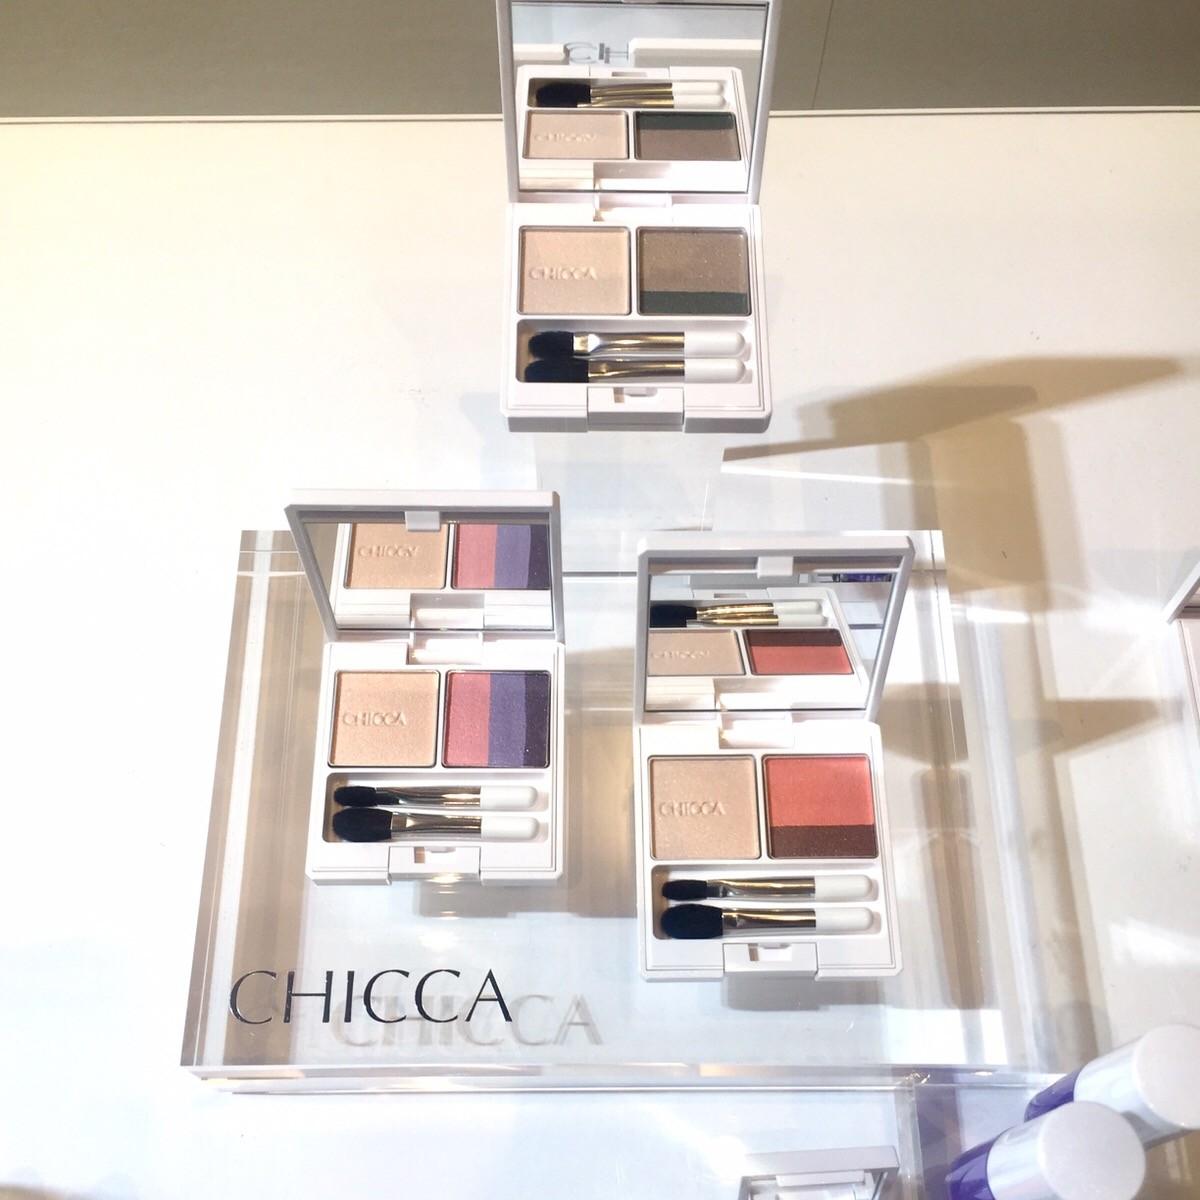 ロマンティックな色彩を軽やかに纏える――CHICCAのオータムコレクションをレポート_1_1